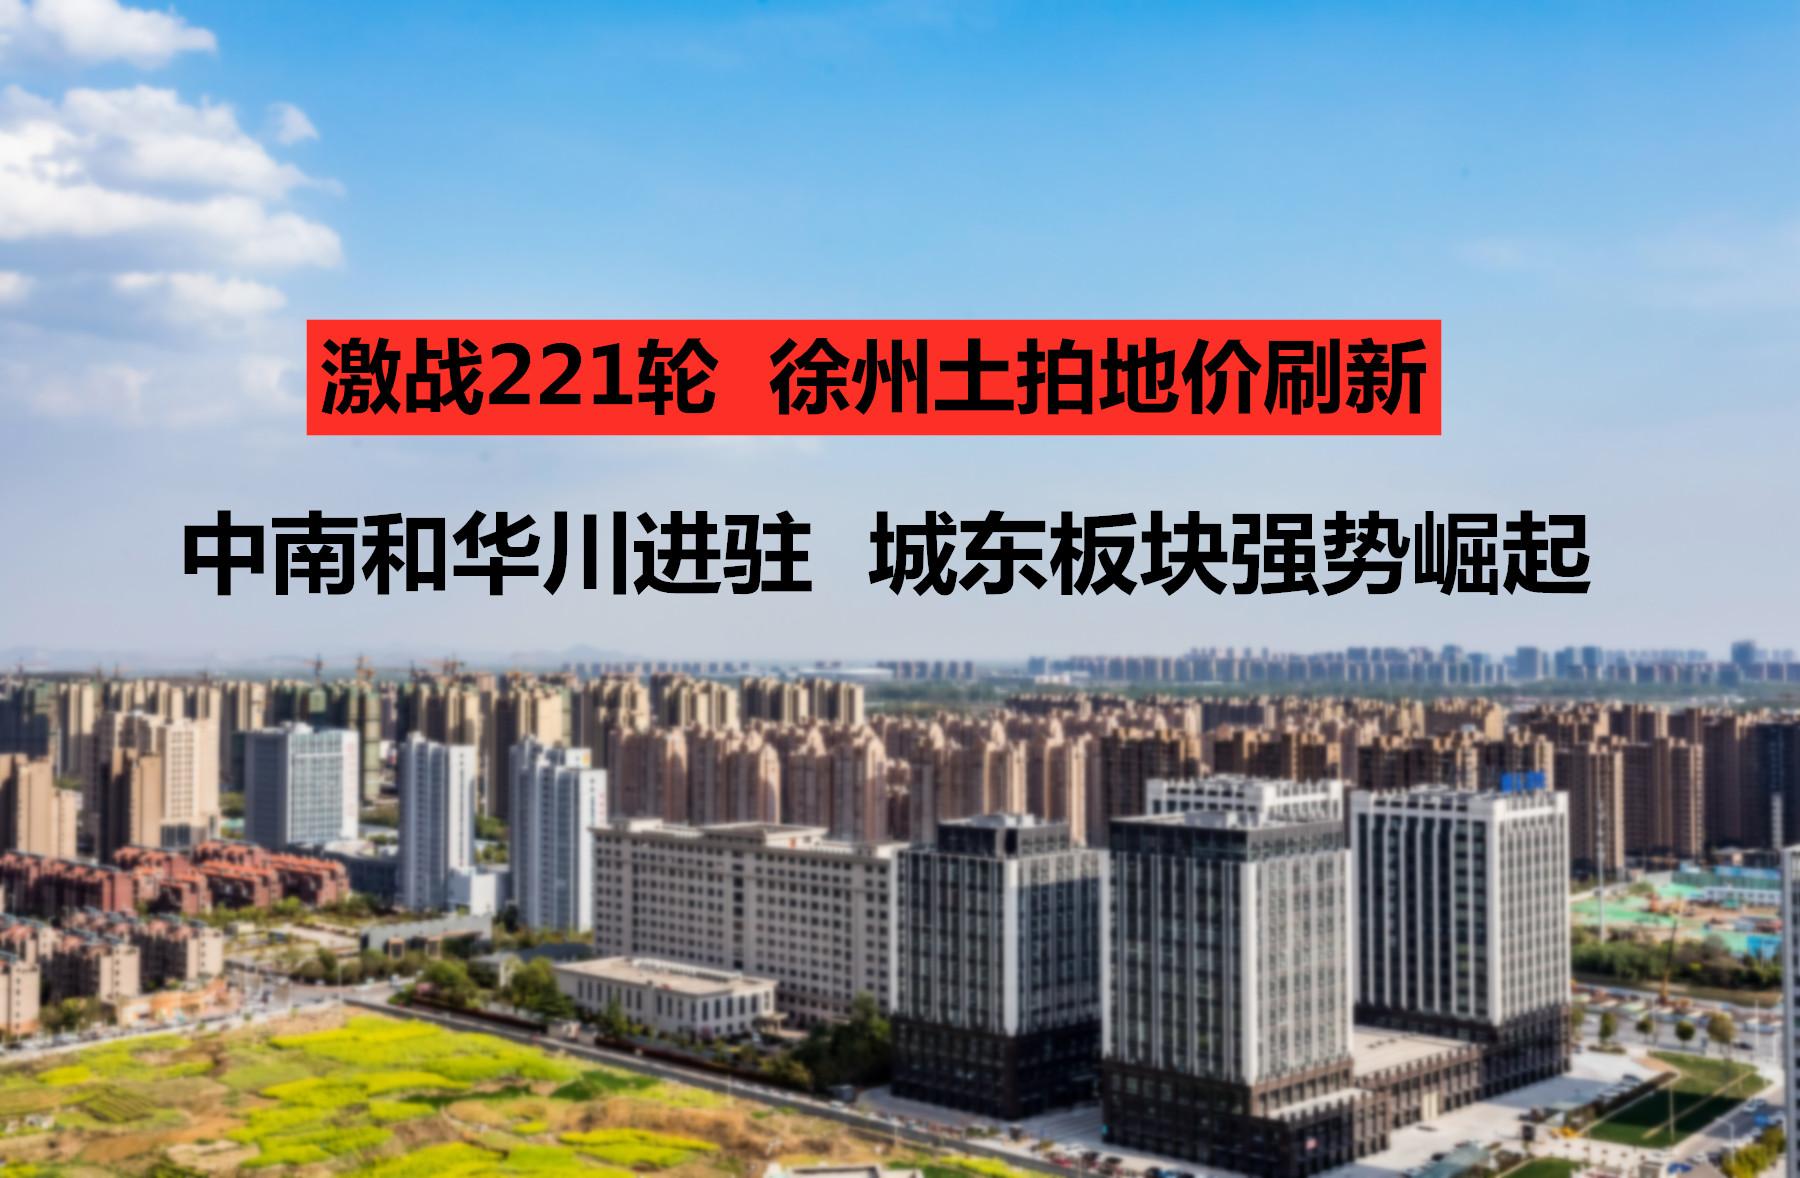 激战221轮!刚刚,徐州土拍地价刷新!中南和华川进驻,城东板块强势崛起!